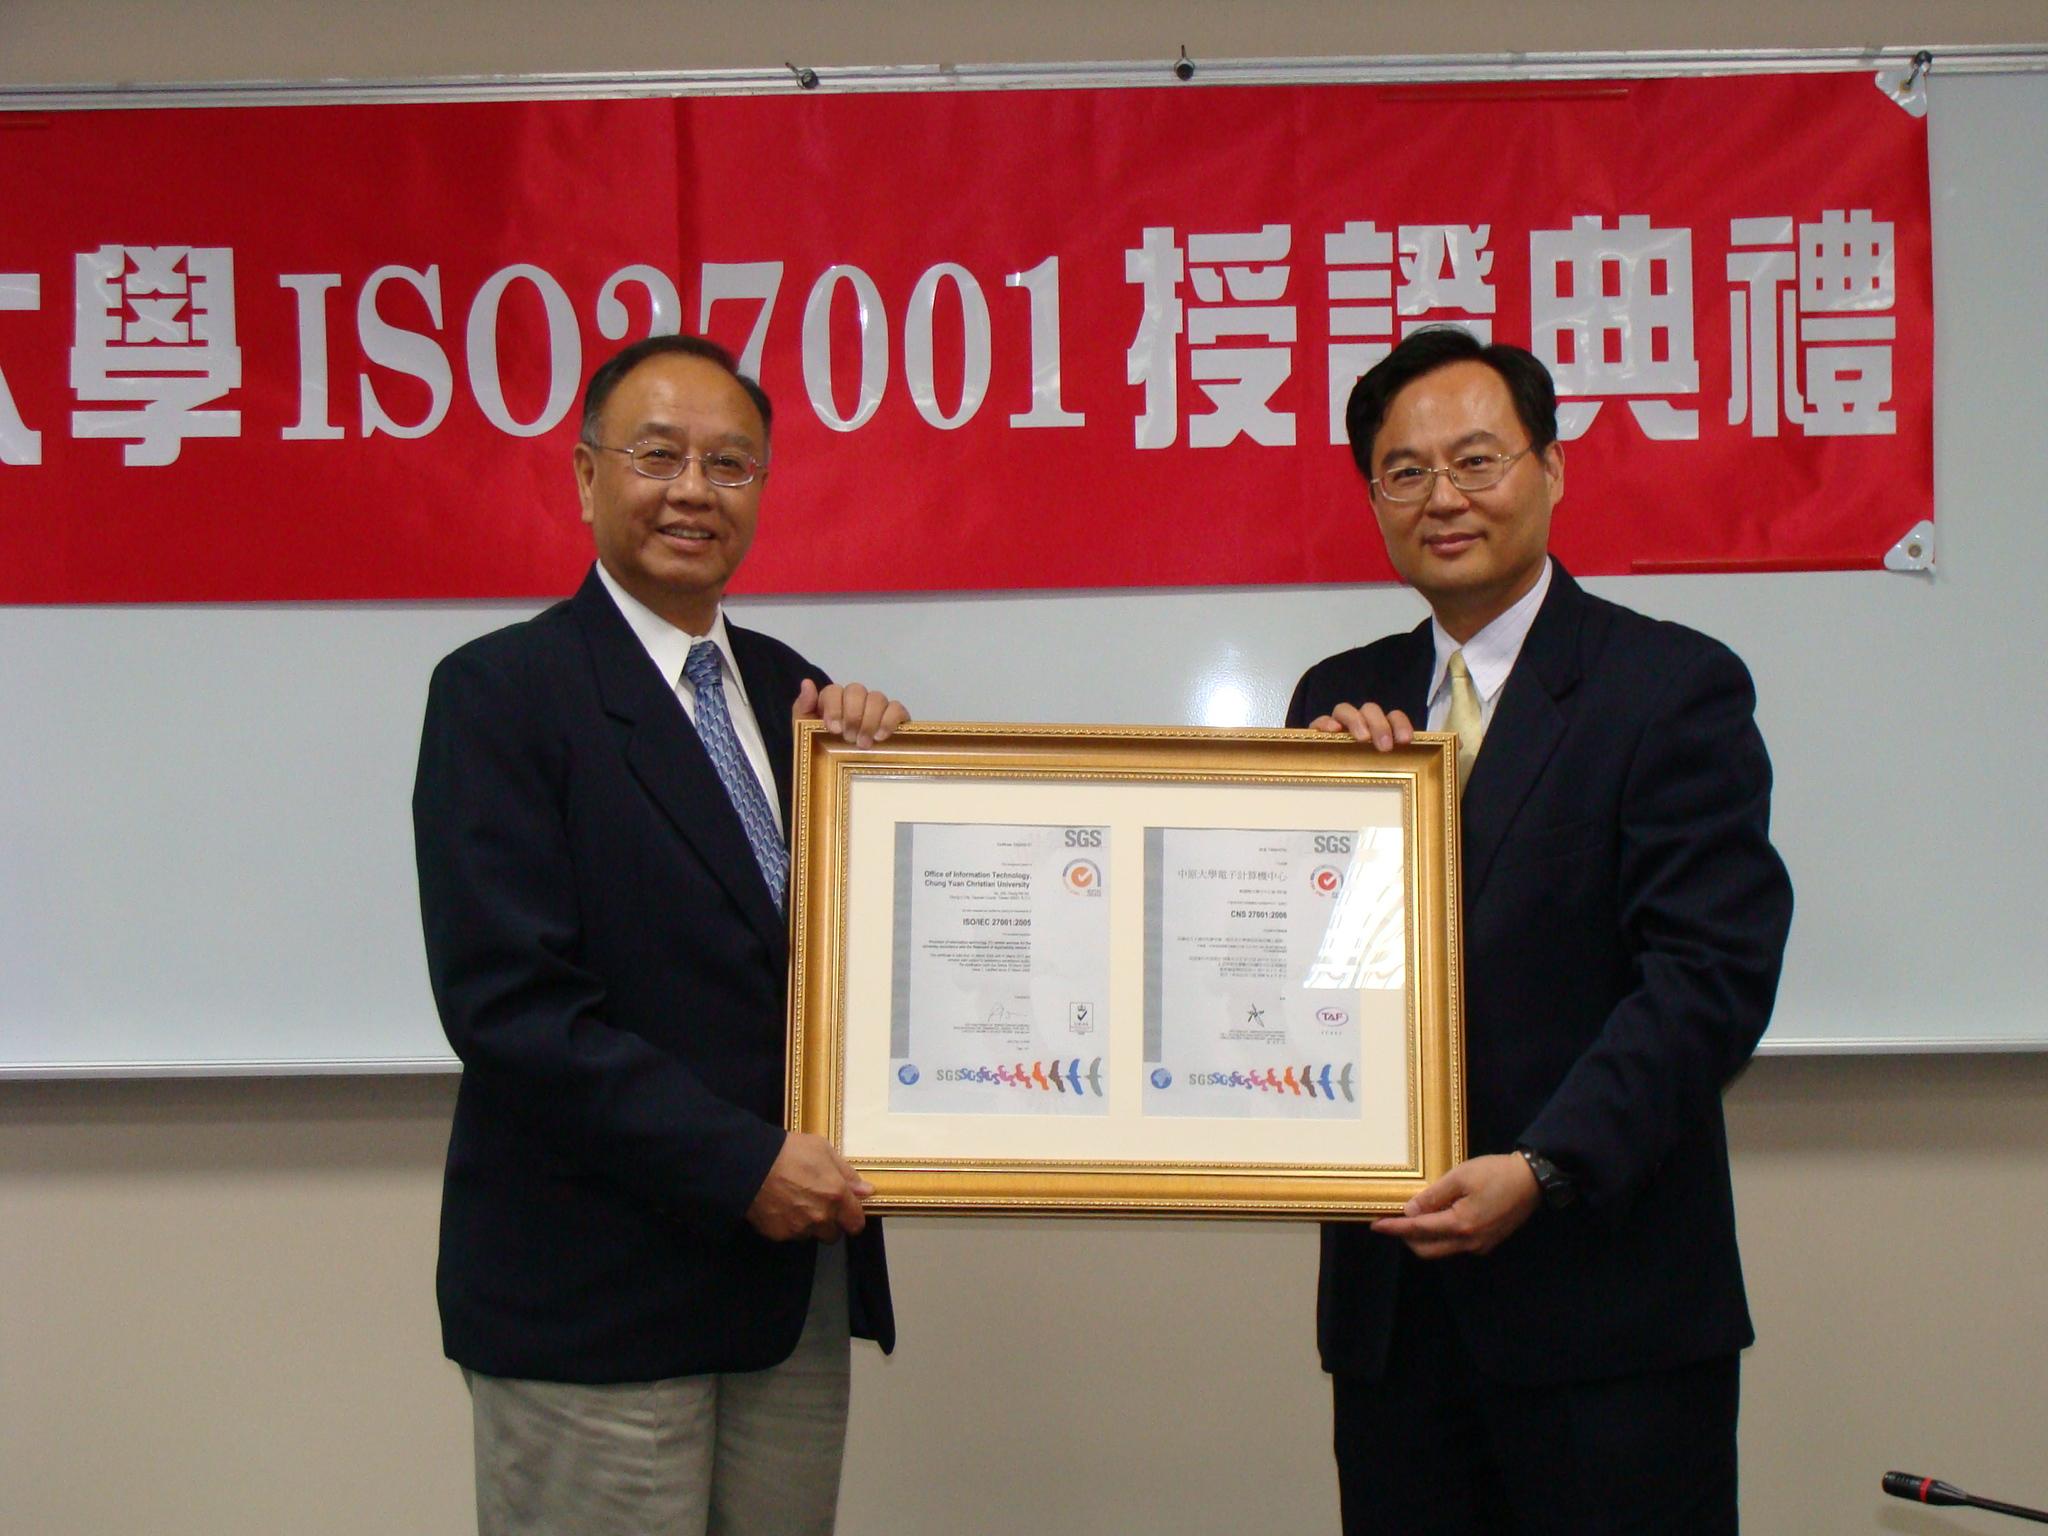 中原大學資安管理獲ISO 27001 為全國大學中認證範圍最大